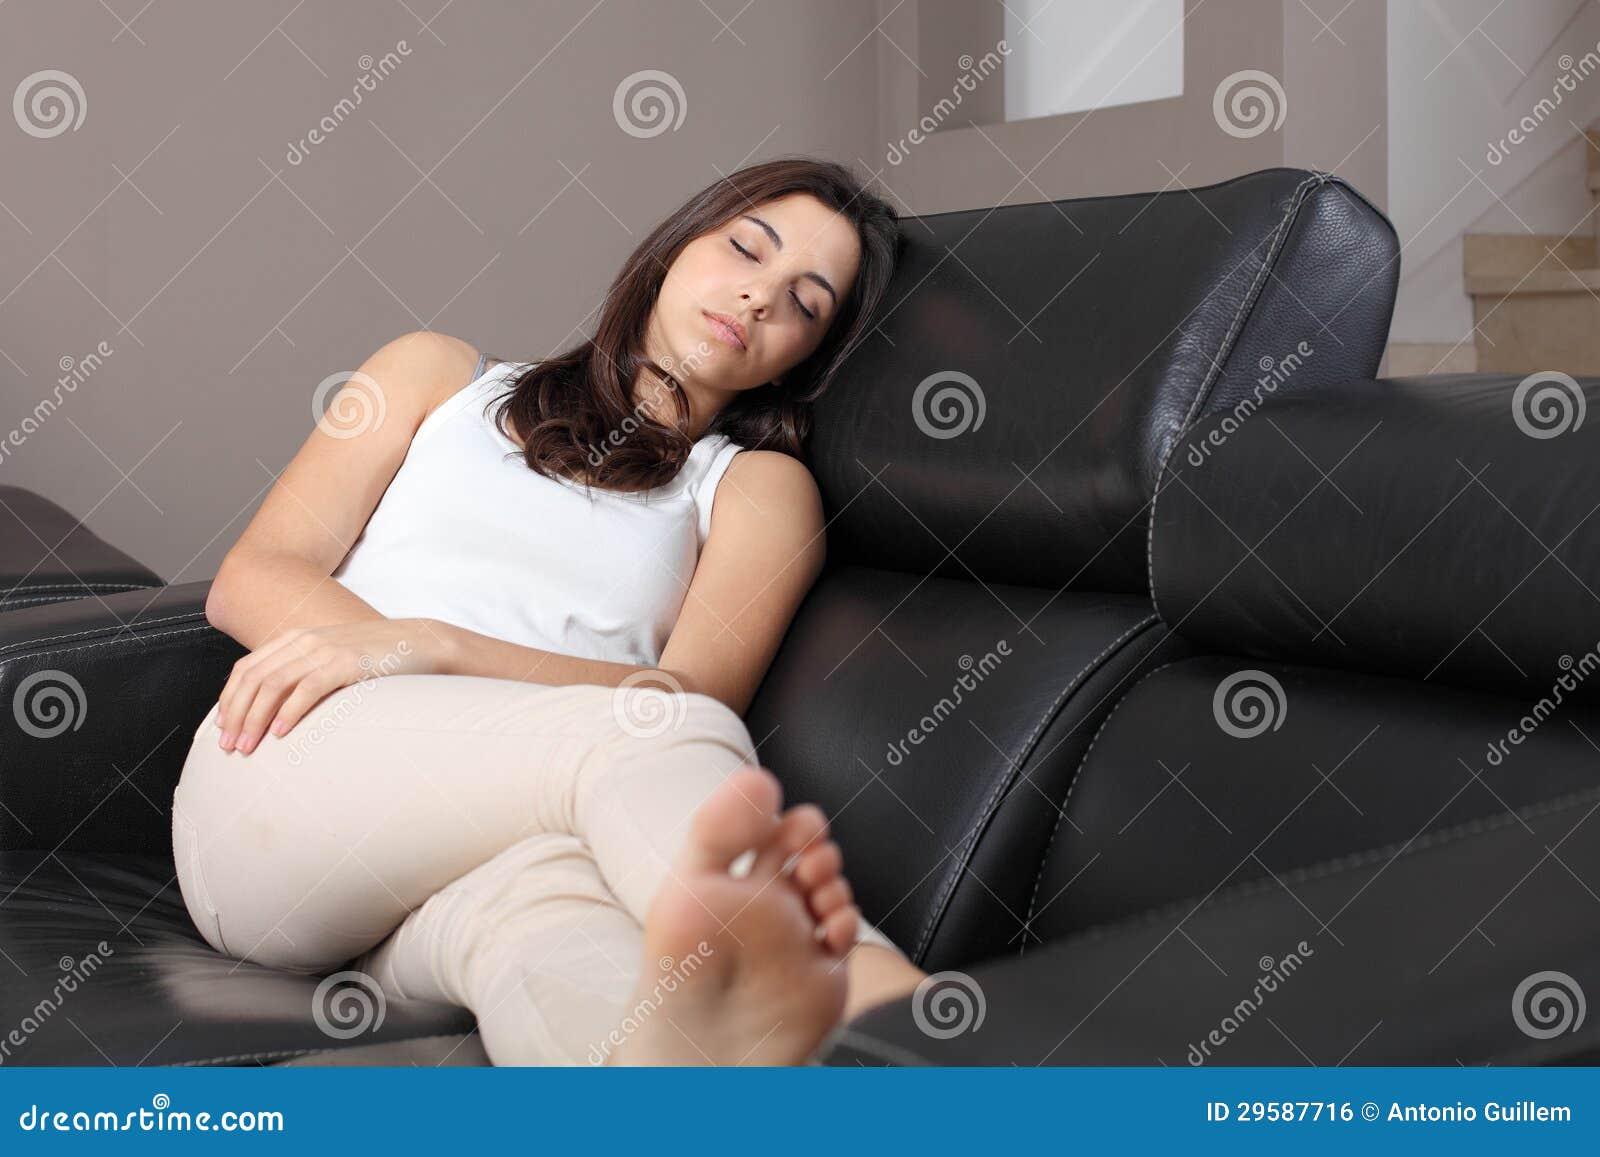 Сидя дома на диване для взрослых 14 фотография